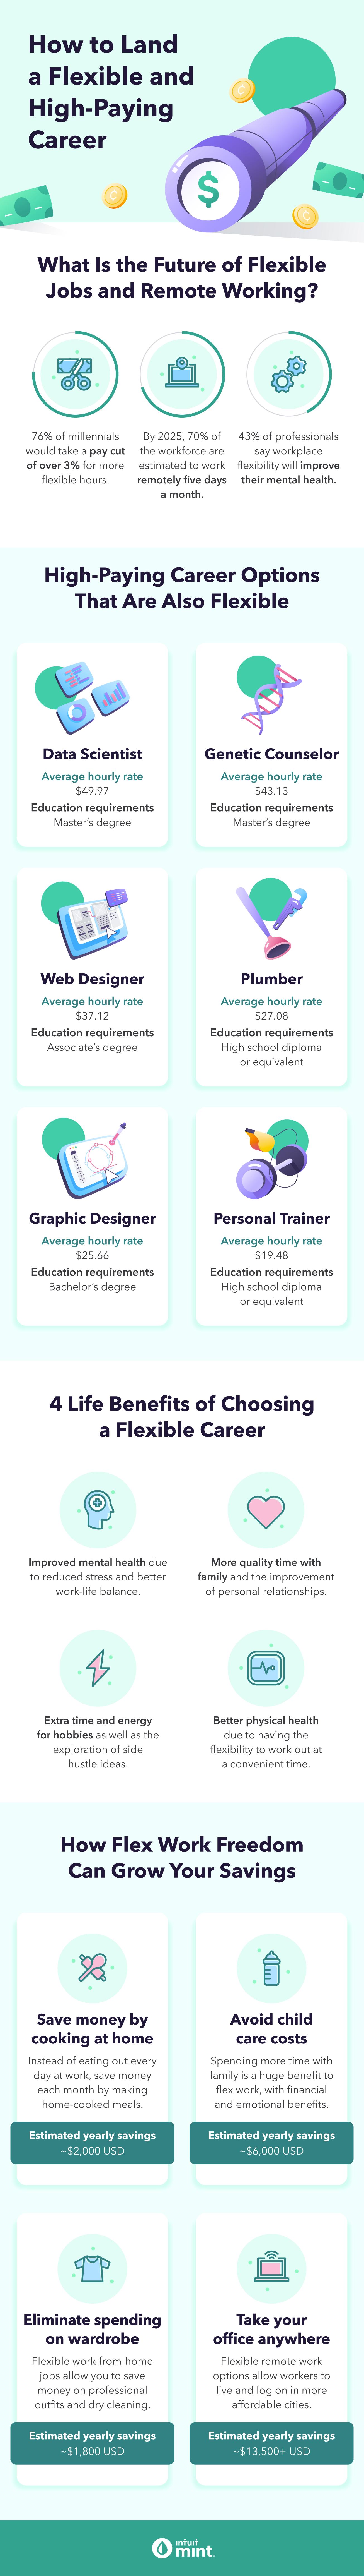 flexible-job-high-paying-career